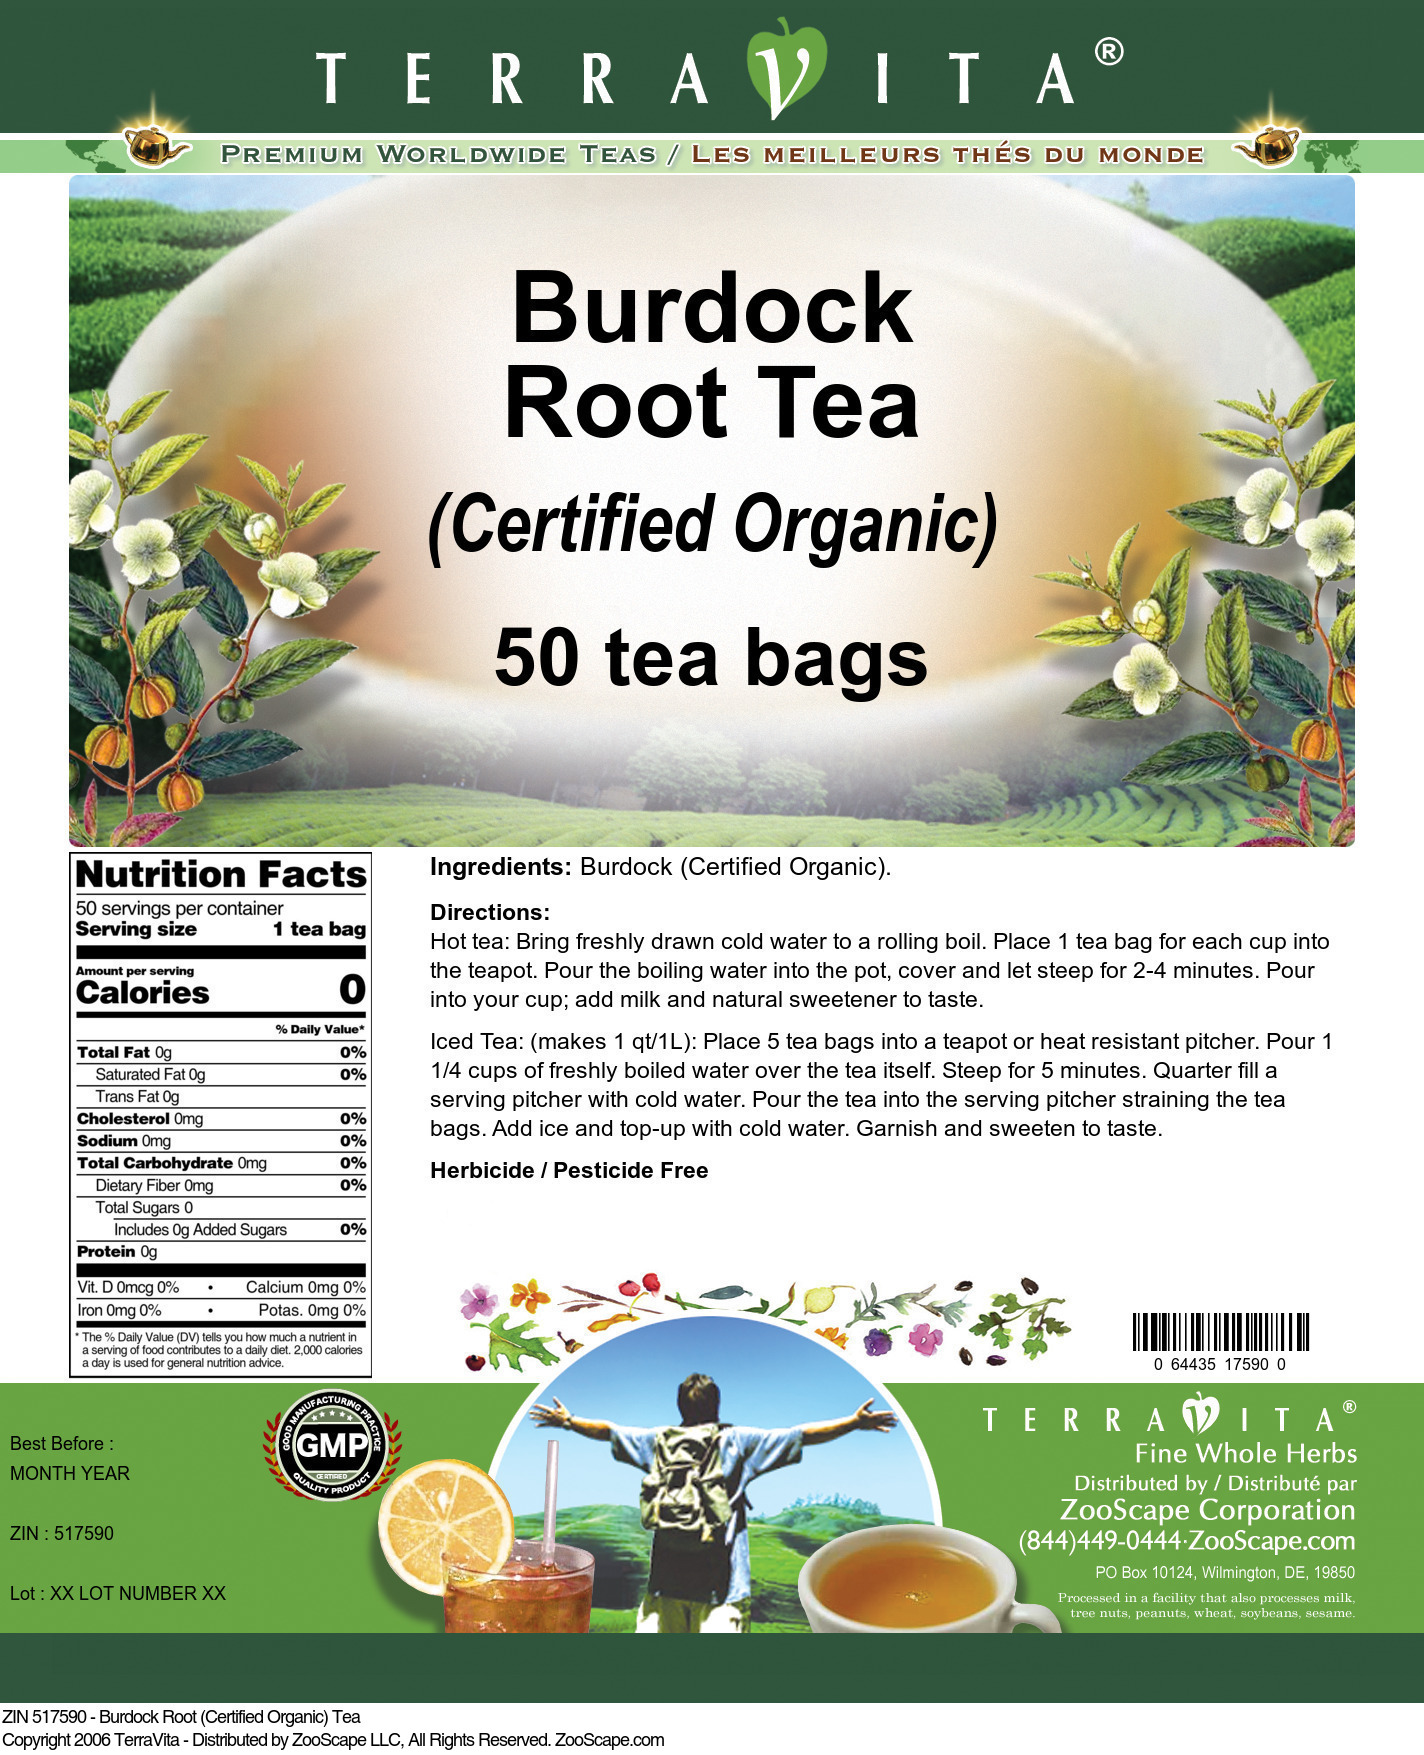 Burdock Root (Certified Organic) Tea